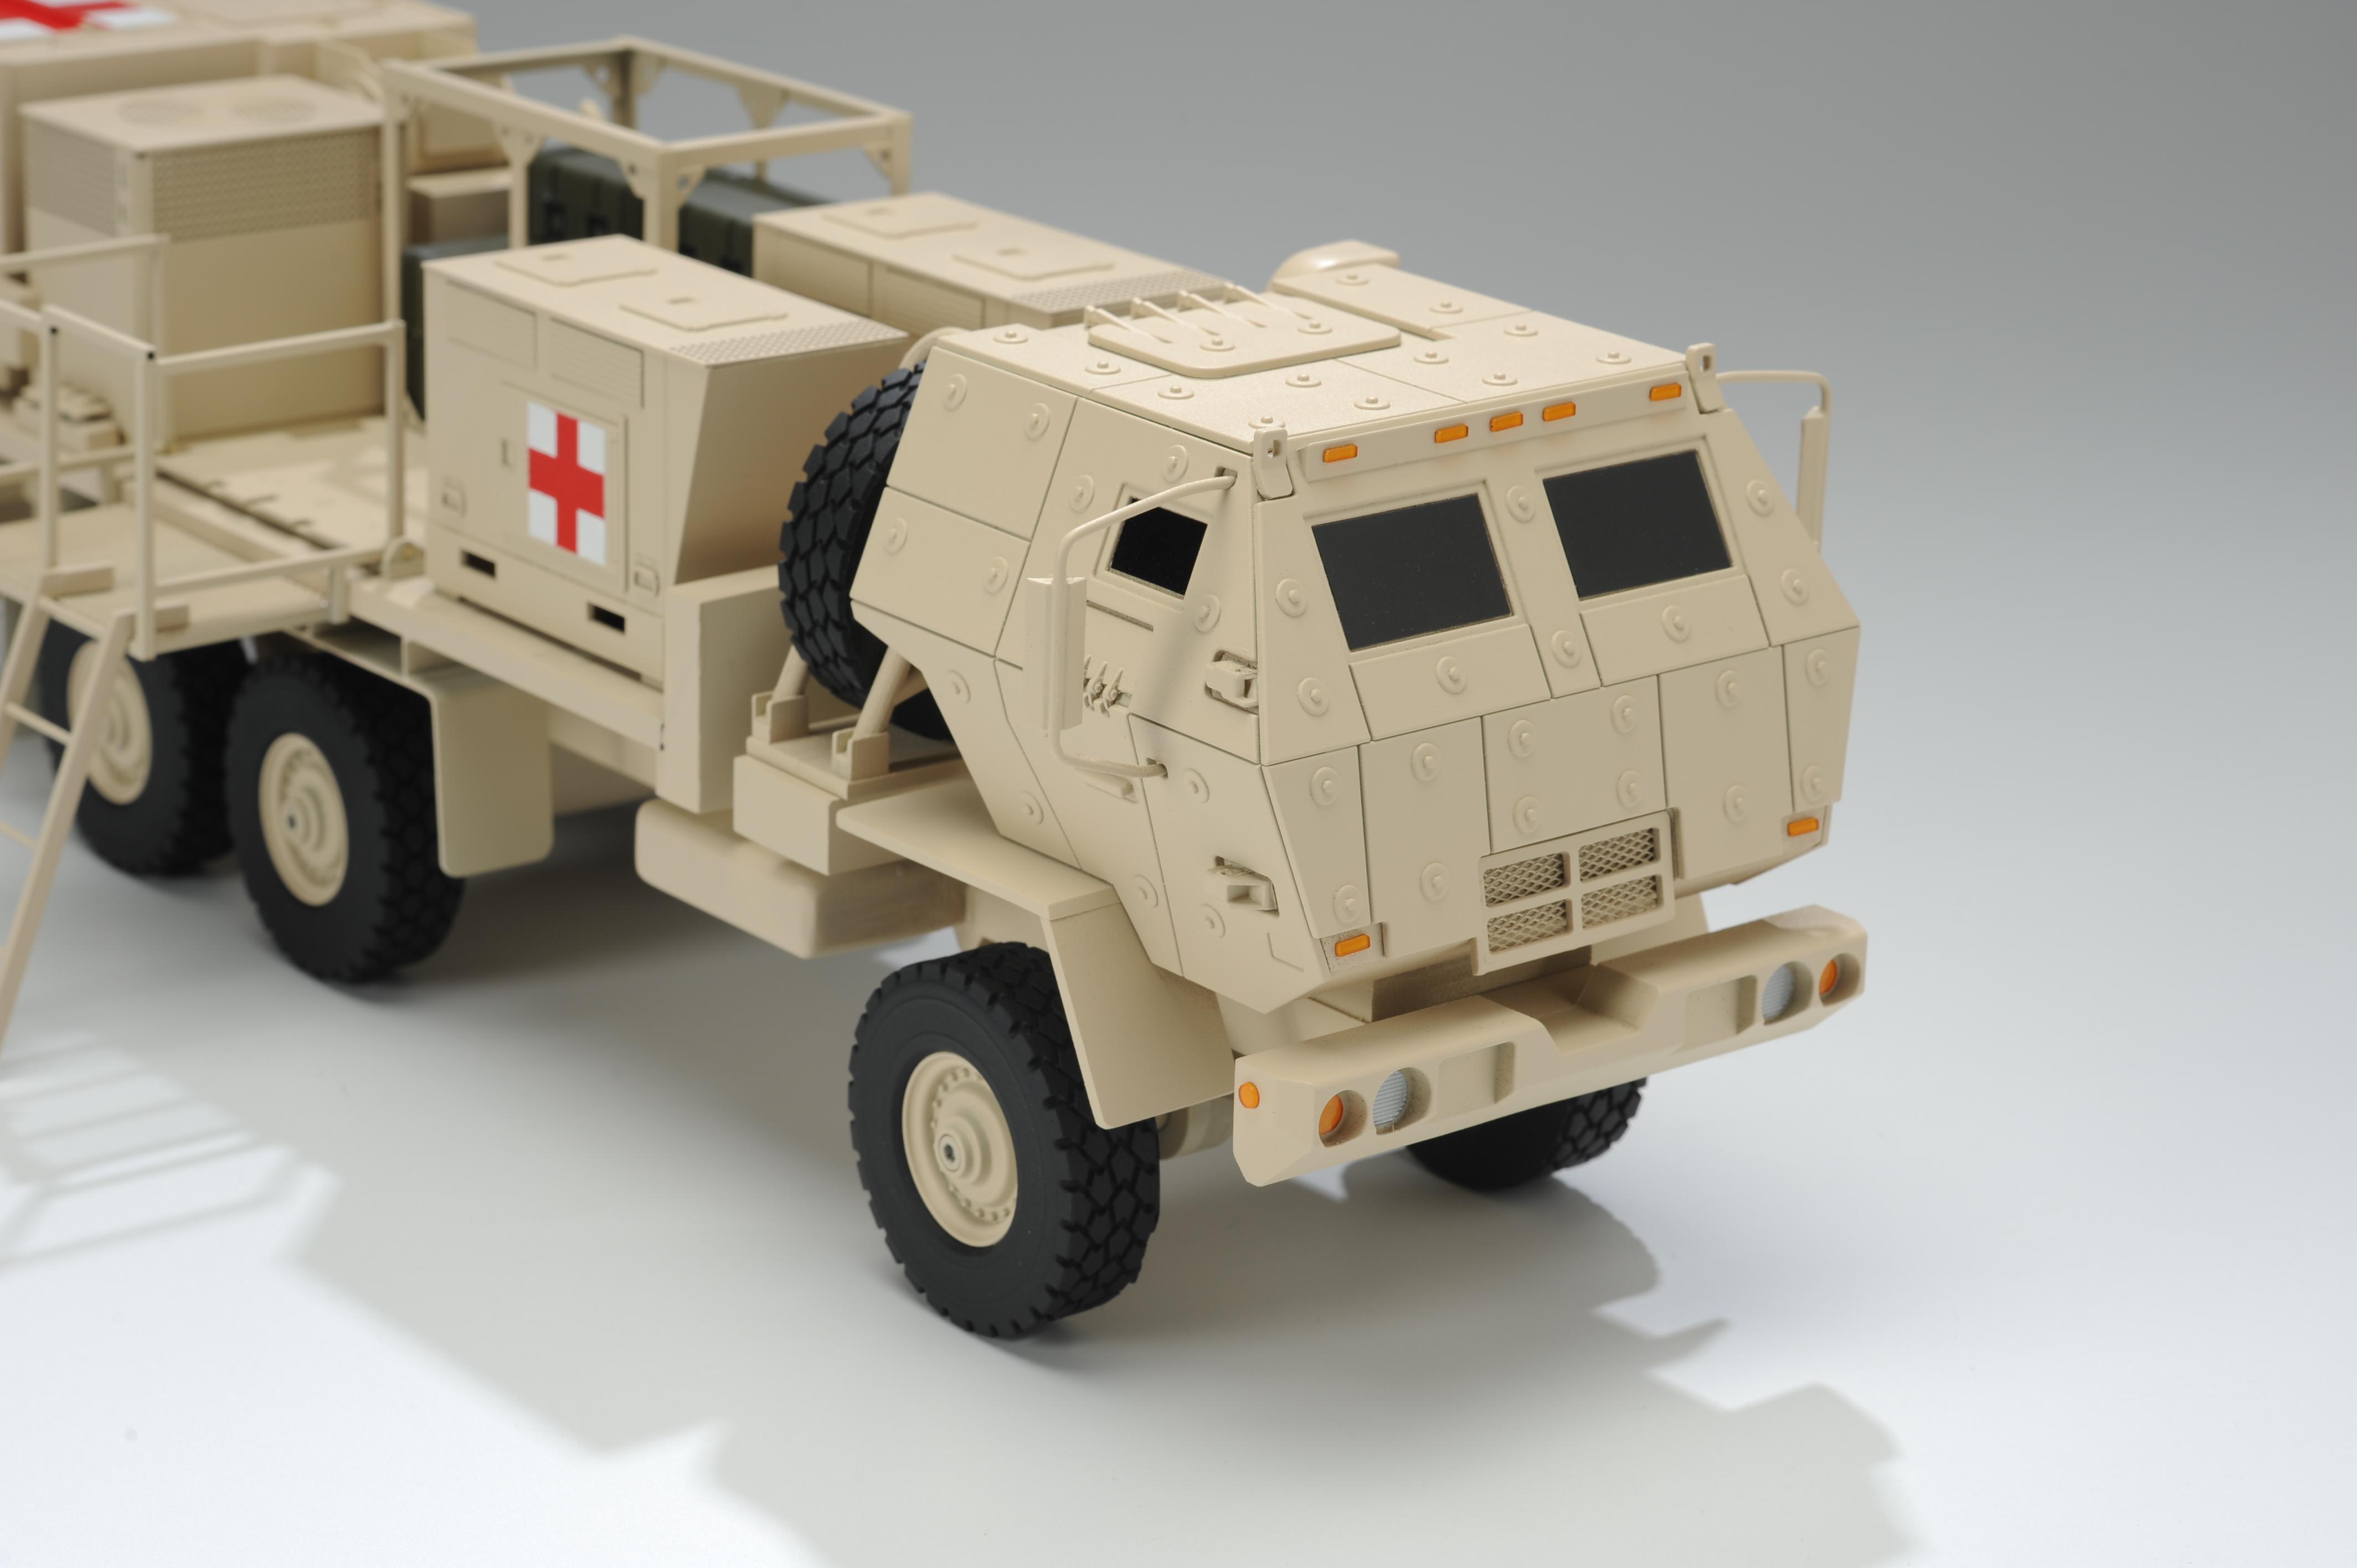 military model Archives - KiwiMill Model Maker Blog